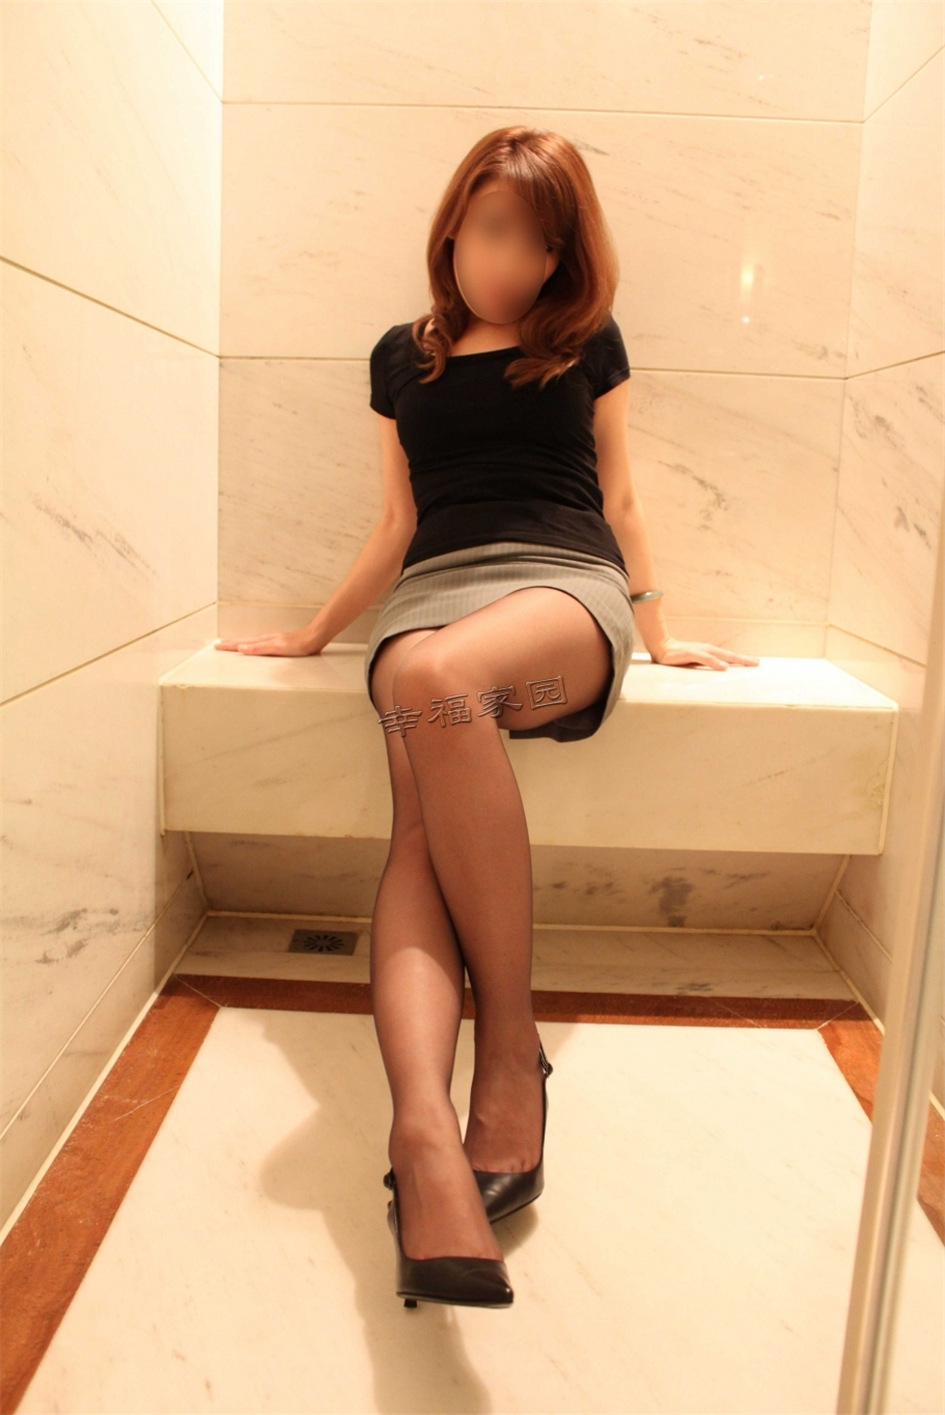 性感少妇私房黑丝诱惑匿名写真图片(图9)